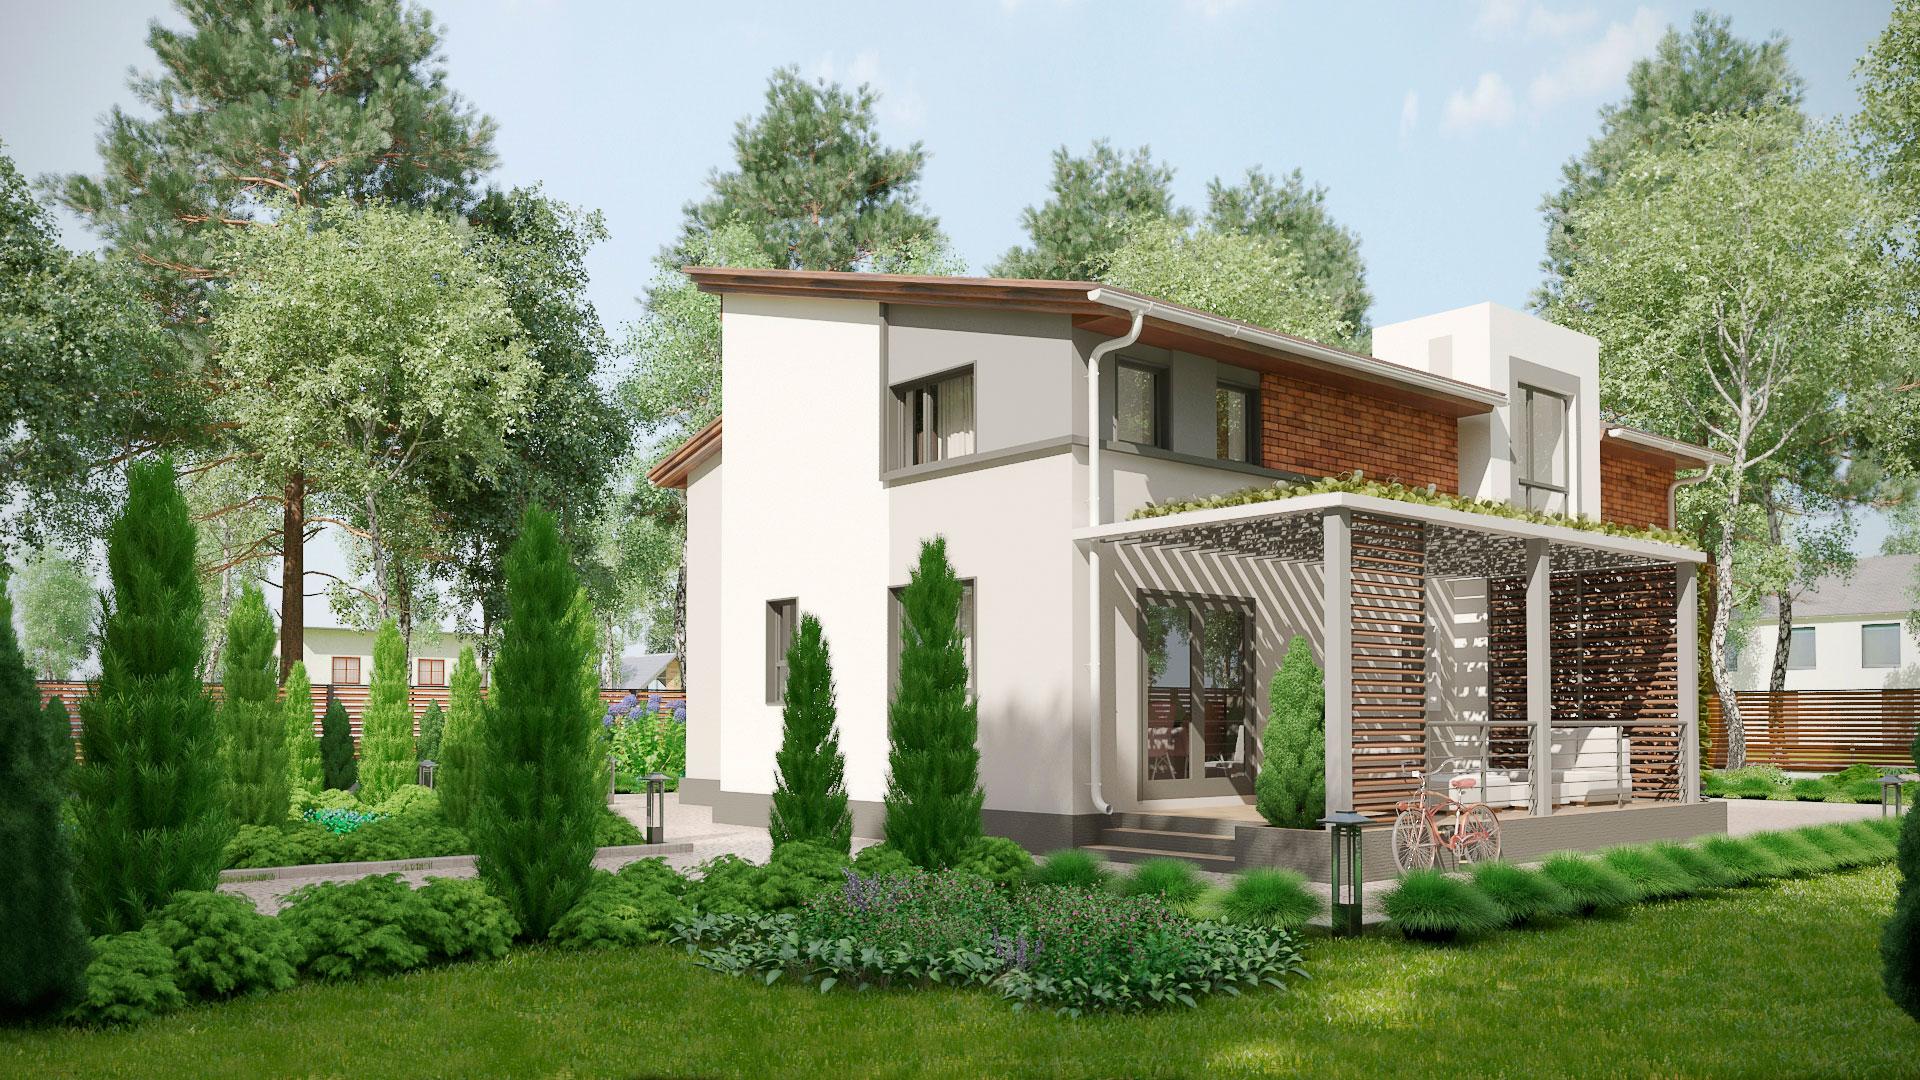 Боковой фасад двухэтажного дома с террасой и балконом, проект БЭНПАН МС-238.